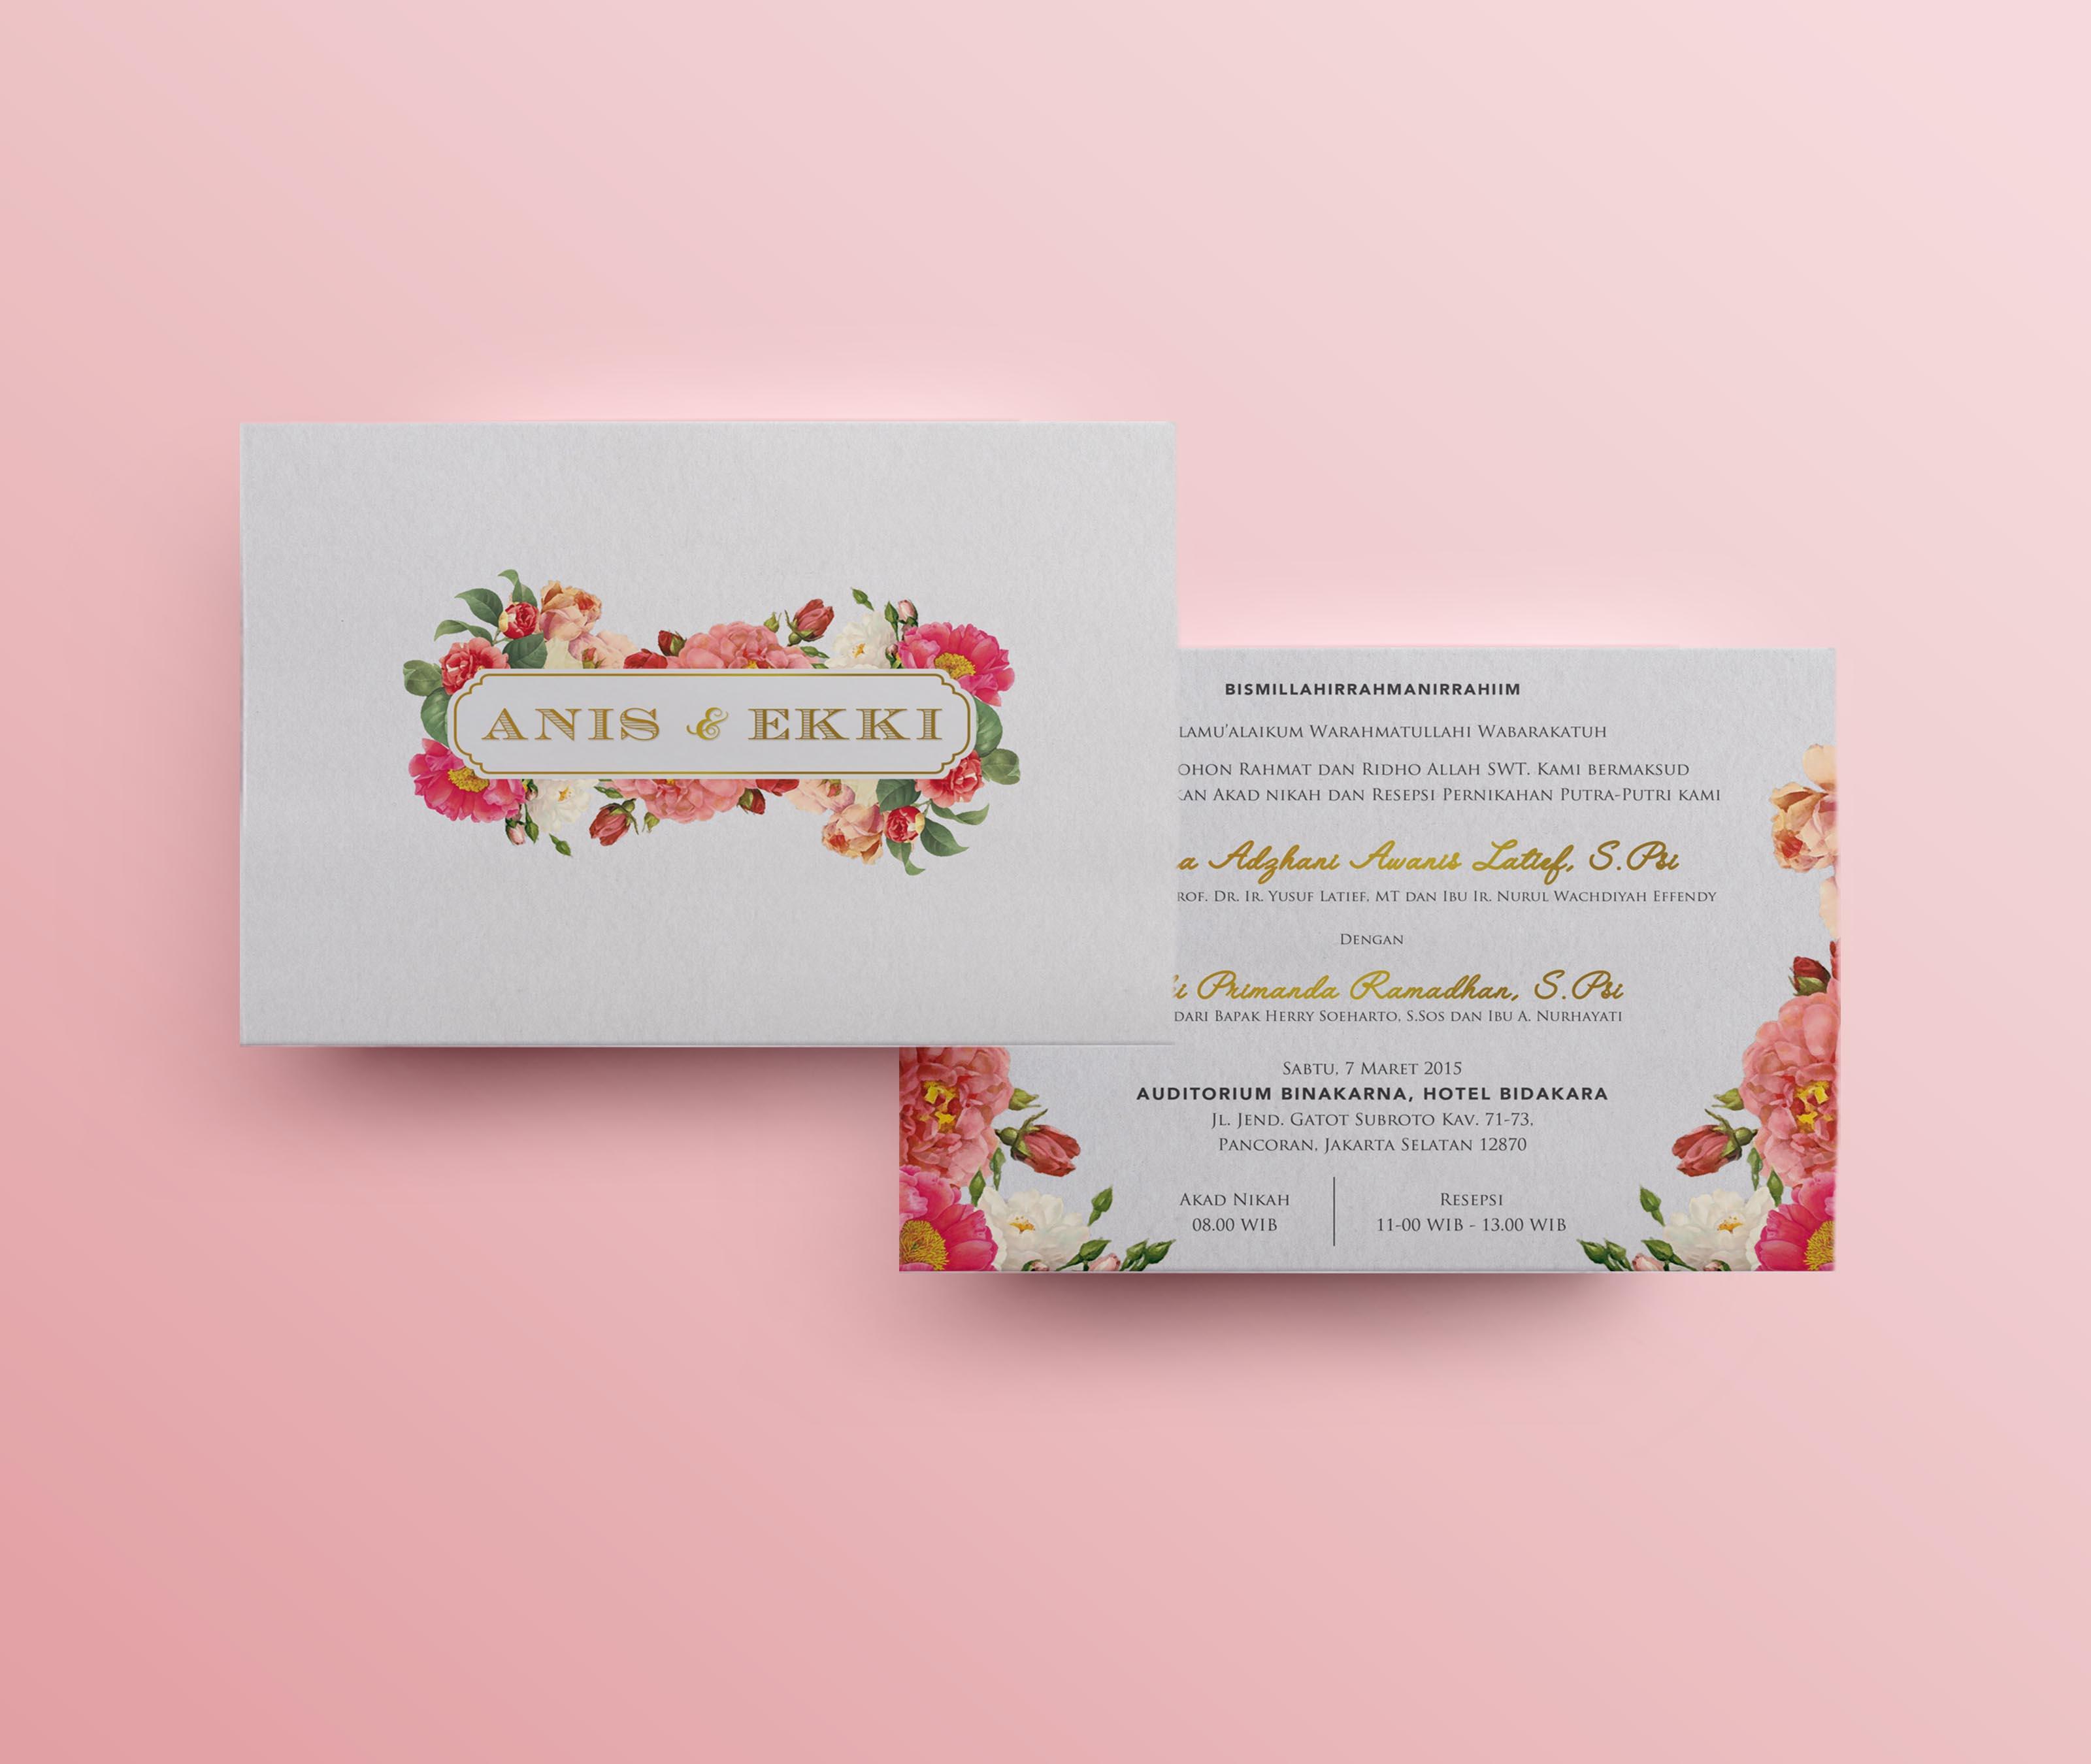 Famous wedding invitation jakarta image collection invitations 30 new wedding invitation card jakarta pics wedding invitation ideas stopboris Gallery